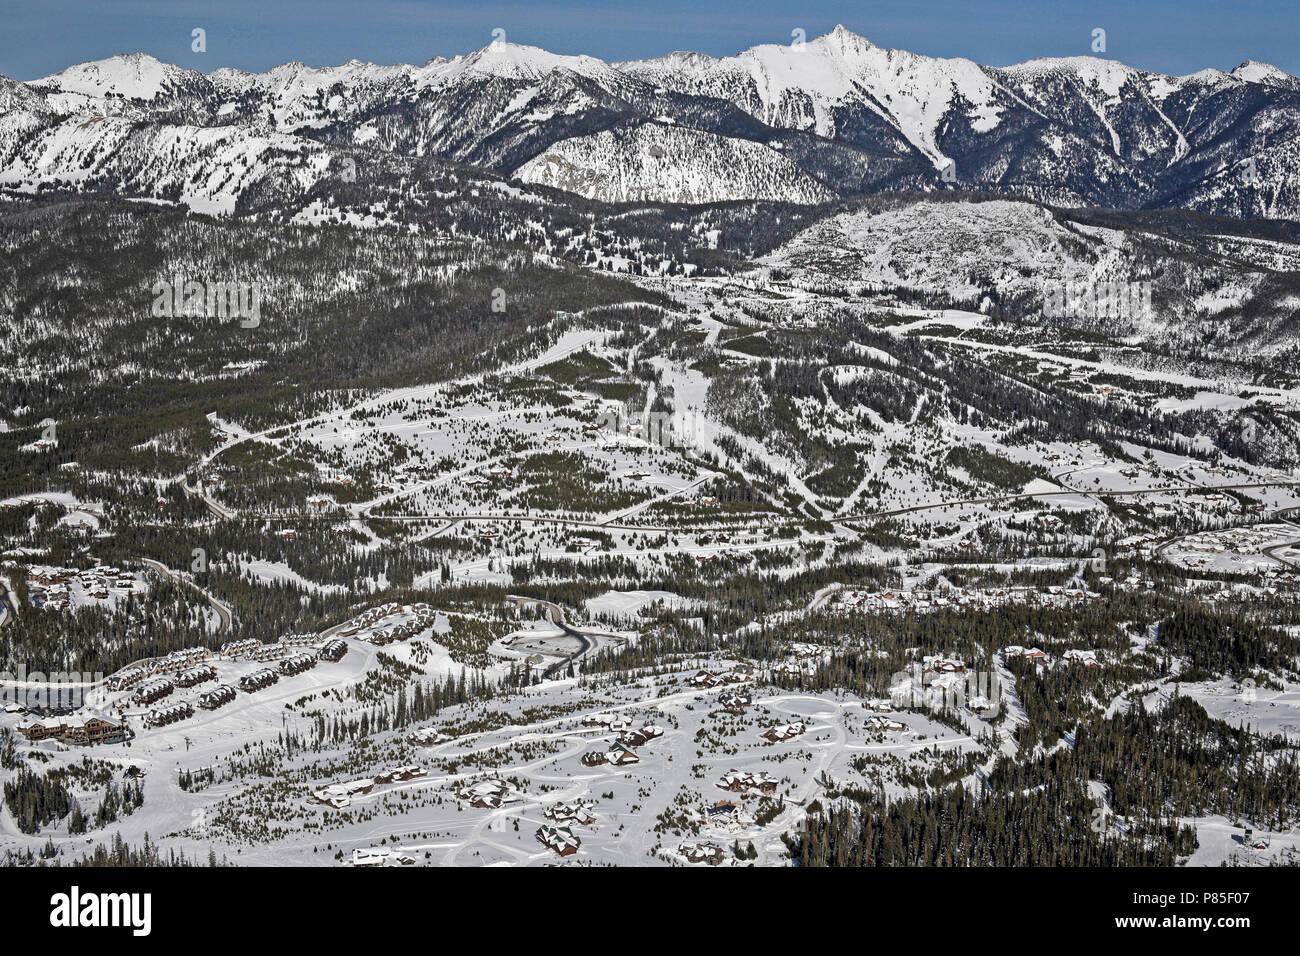 big sky montana ski resort, usa stock photo: 211563191 - alamy